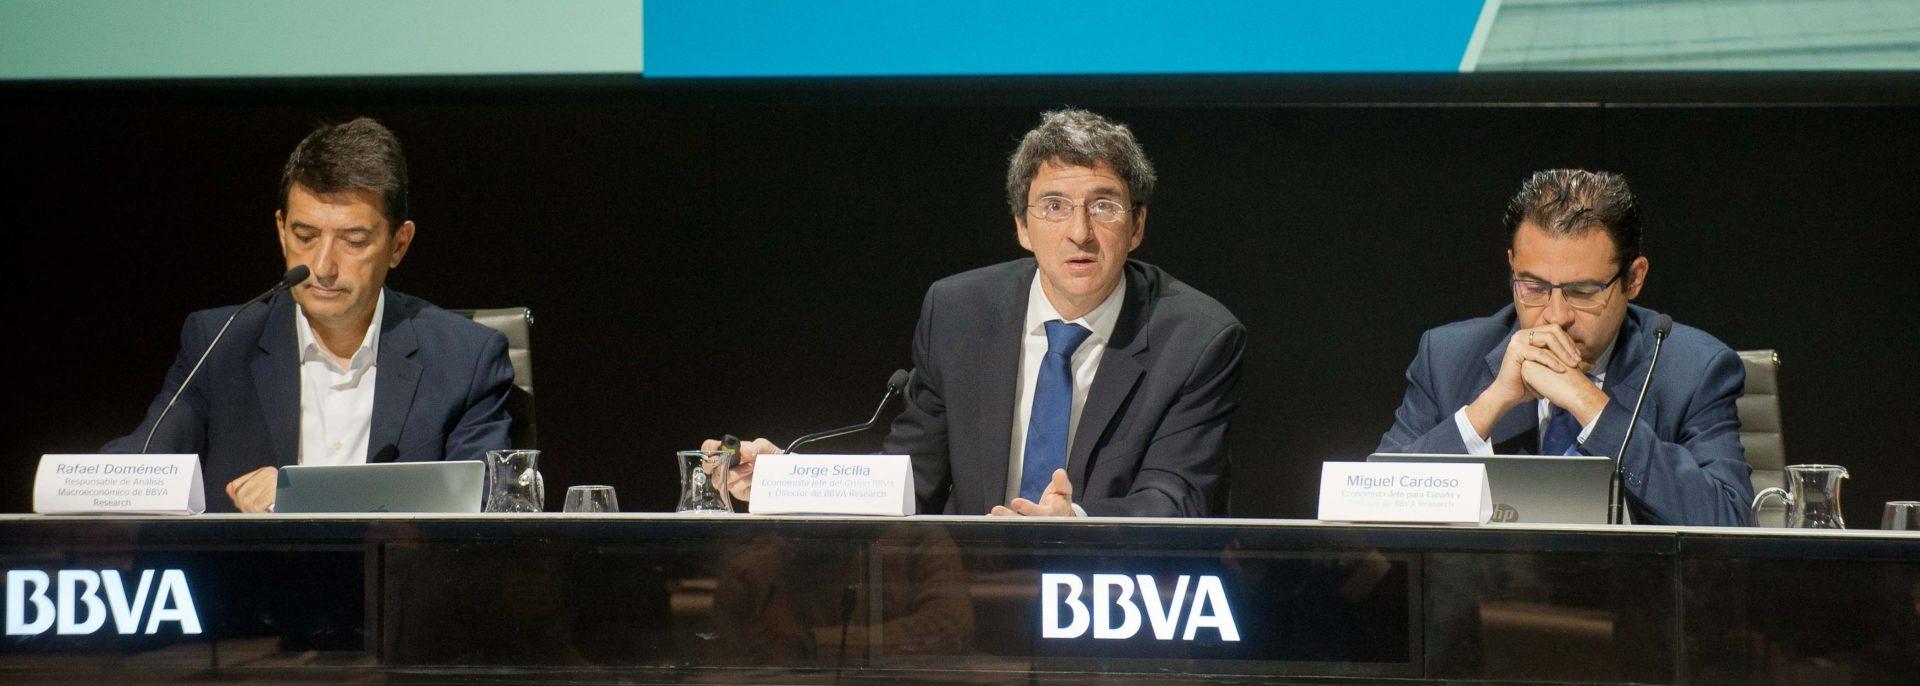 Rafael Doménech, Jorge Sicilia y Miguel Cardoso - Presentación Situación España 4T16, BBVA Research